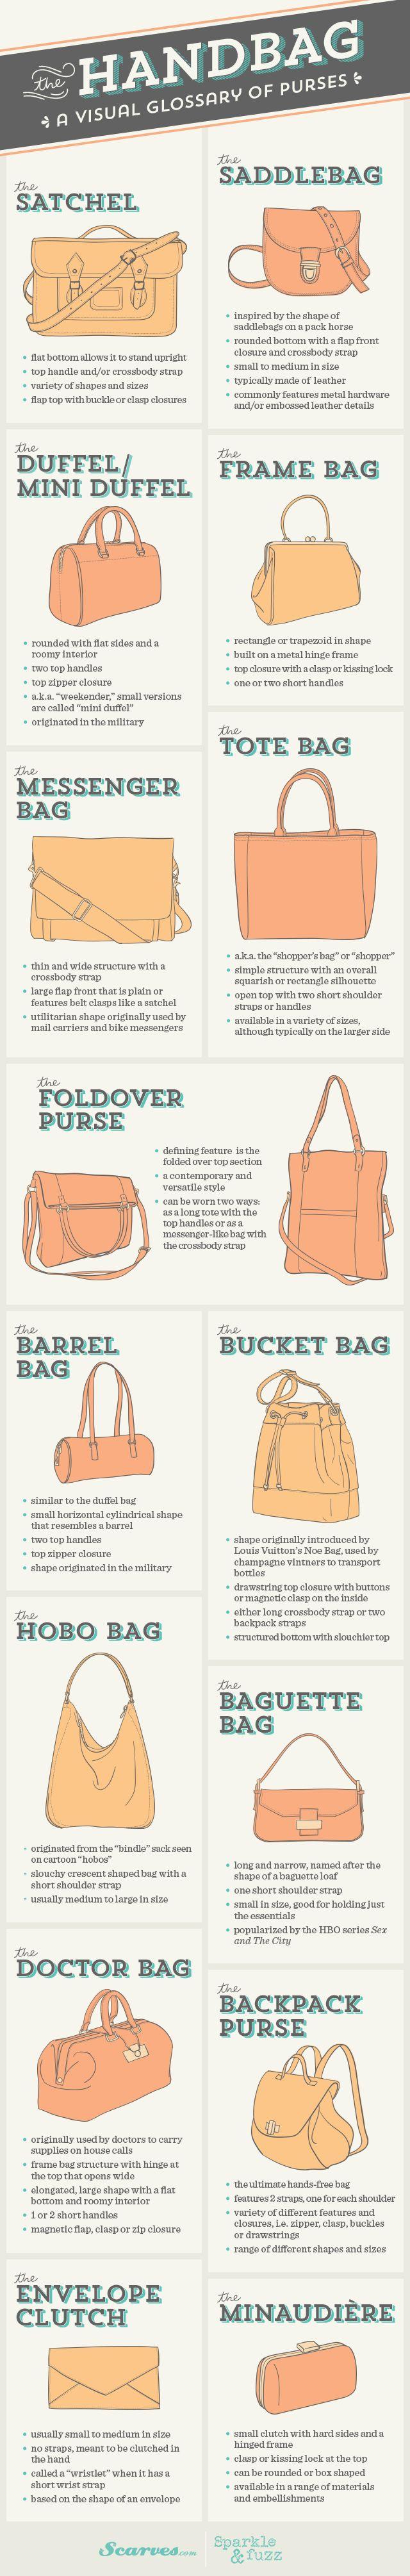 The Handbag A Visual Glossary of Purses http://www.visualistan.com/2014/04/the-handbag-visual-glossary-of-purses.html